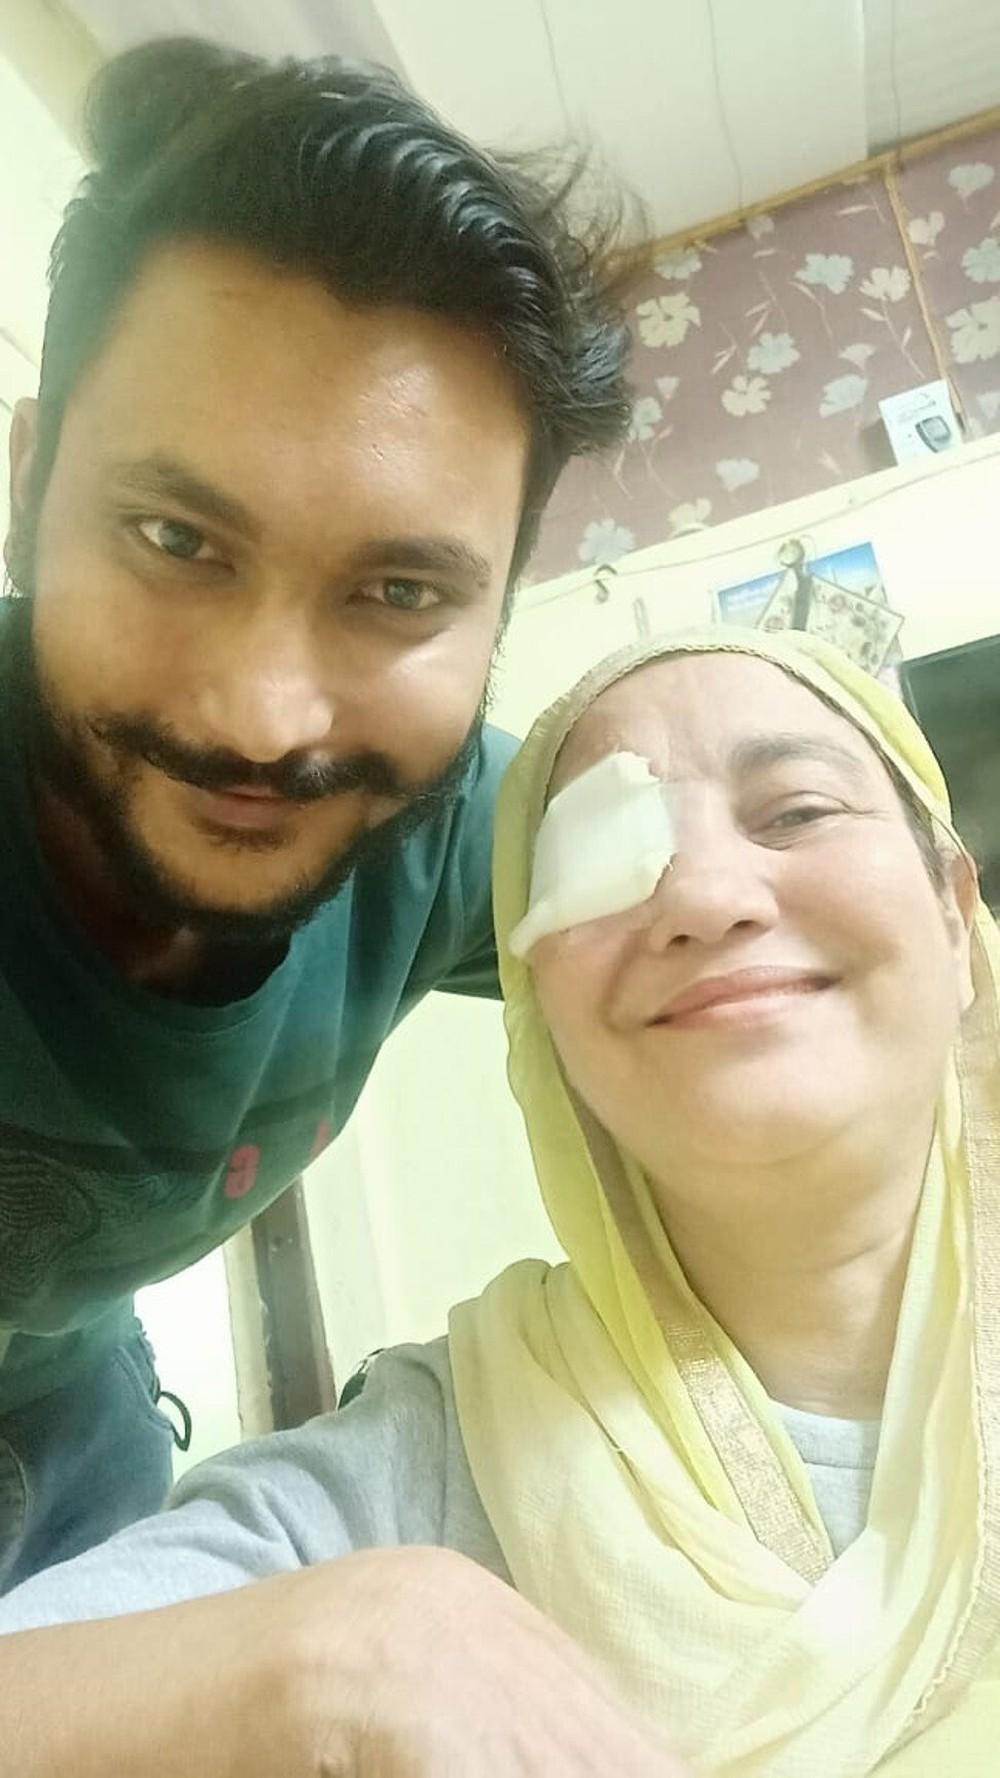 Đêm qua, tôi phải múc bỏ mắt một bệnh nhân trước khi nhiễm trùng ăn lên não - Bác sĩ nói về cơn ác mộng đang tấn công Ấn Độ sau Covid-19 - Ảnh 2.